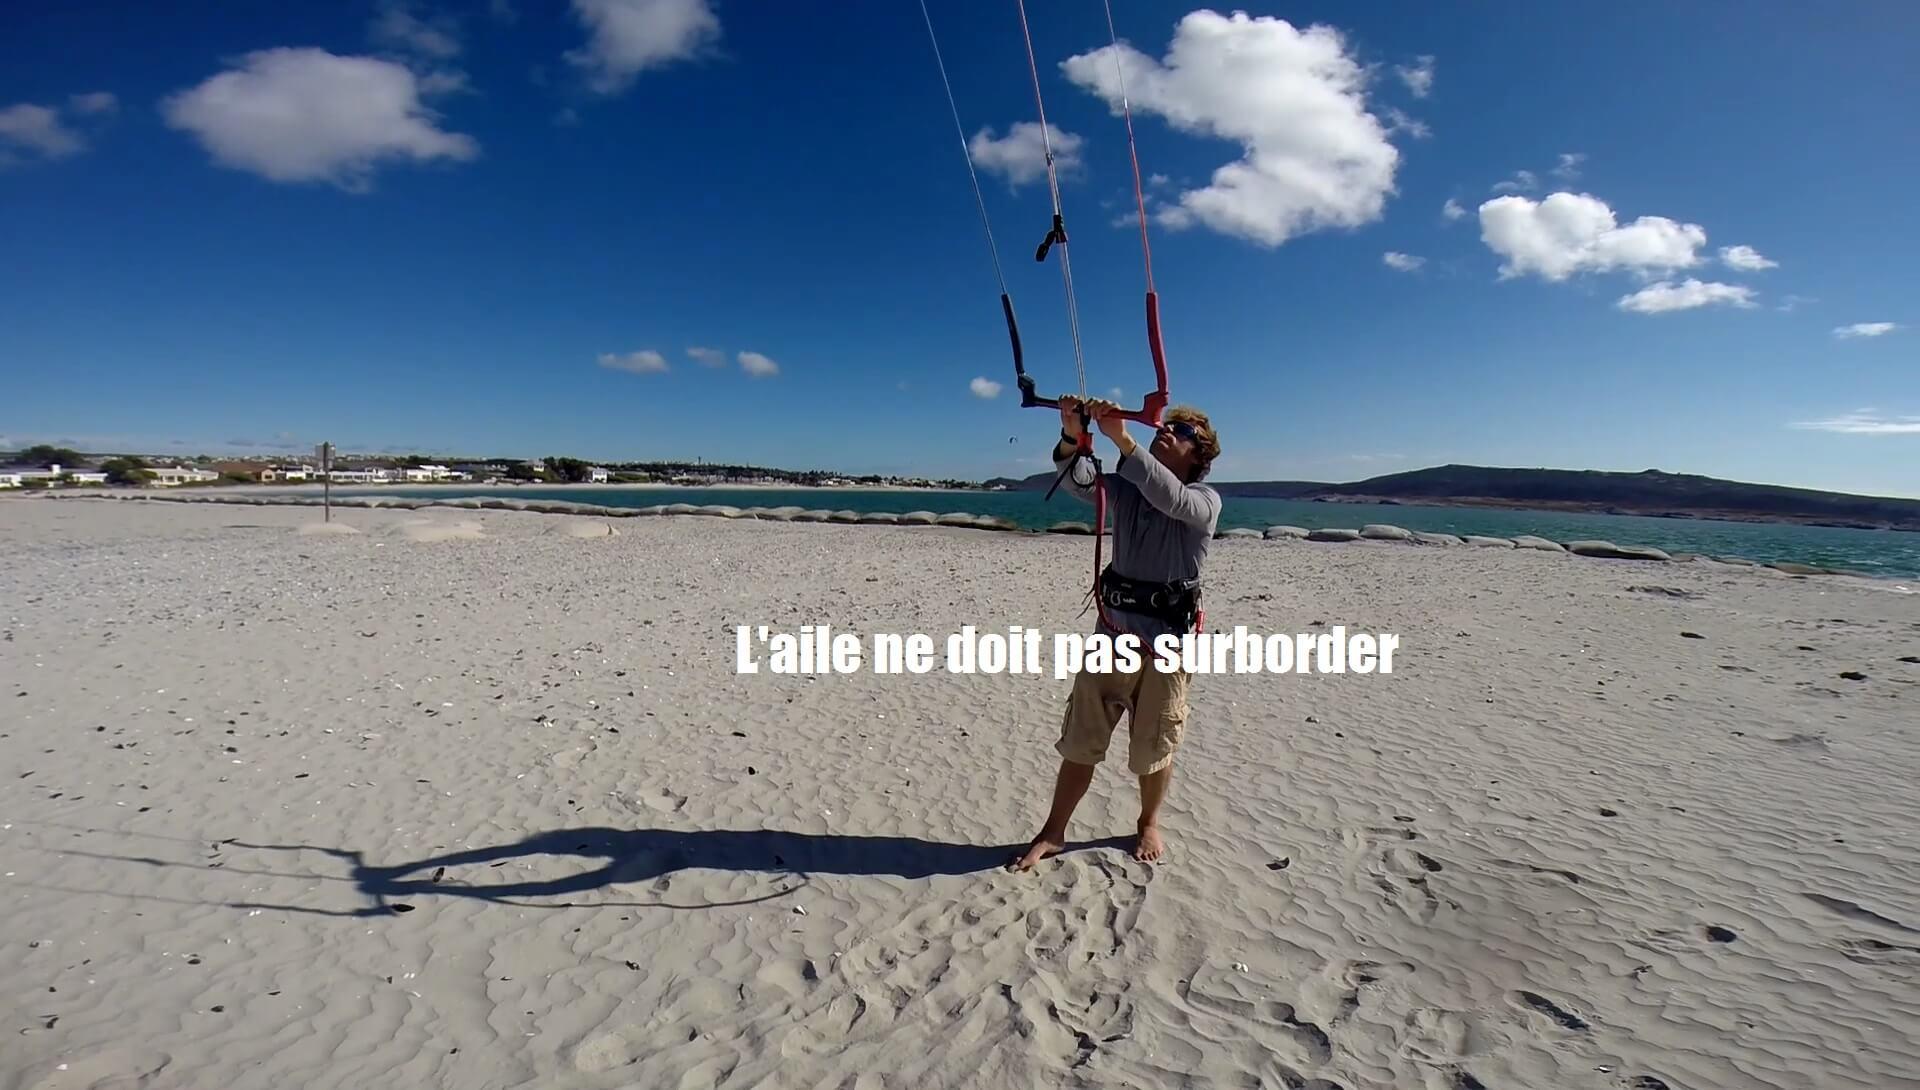 dehooker kitesurf